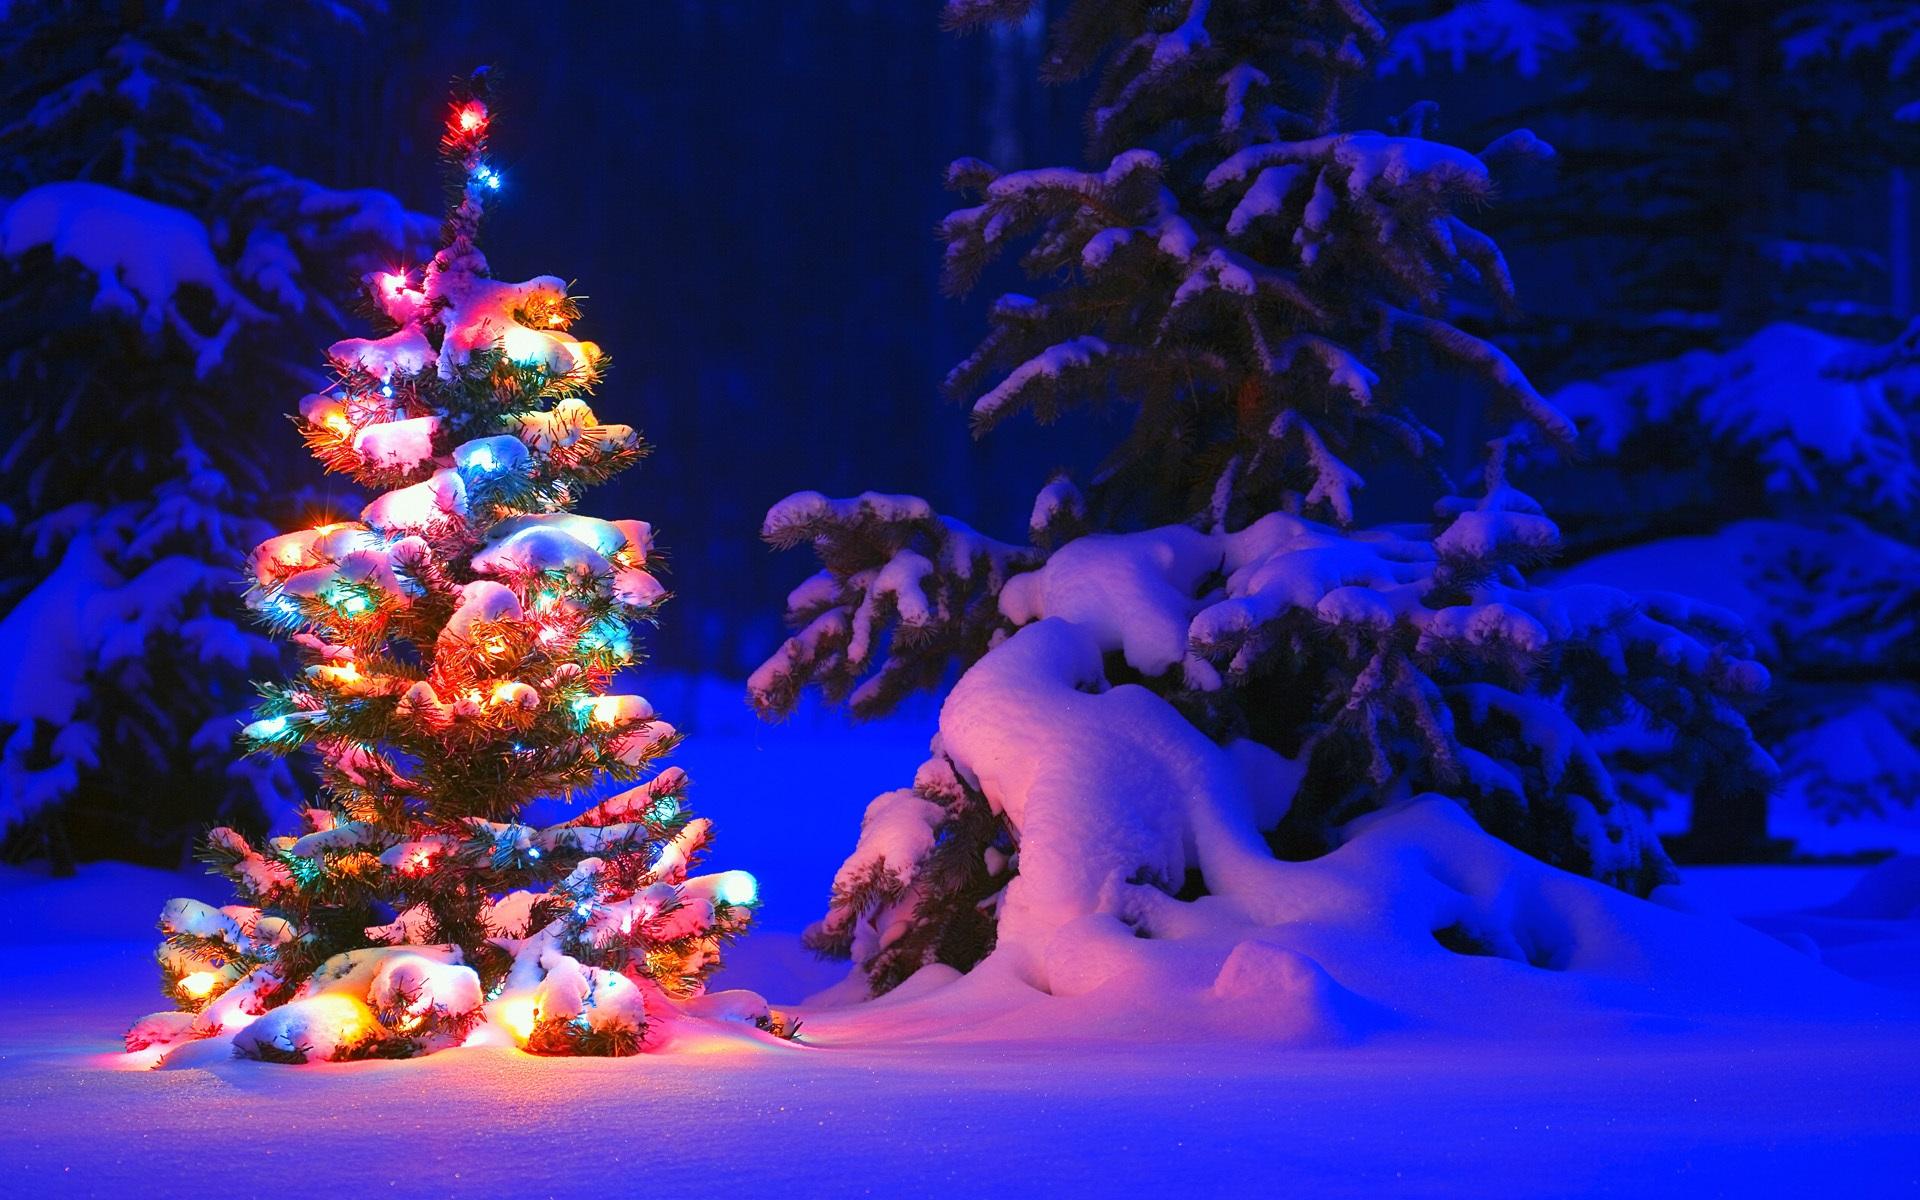 Schnee und Lichter auf Baum im Wald, Weihnachten 1920x1200 HD ...